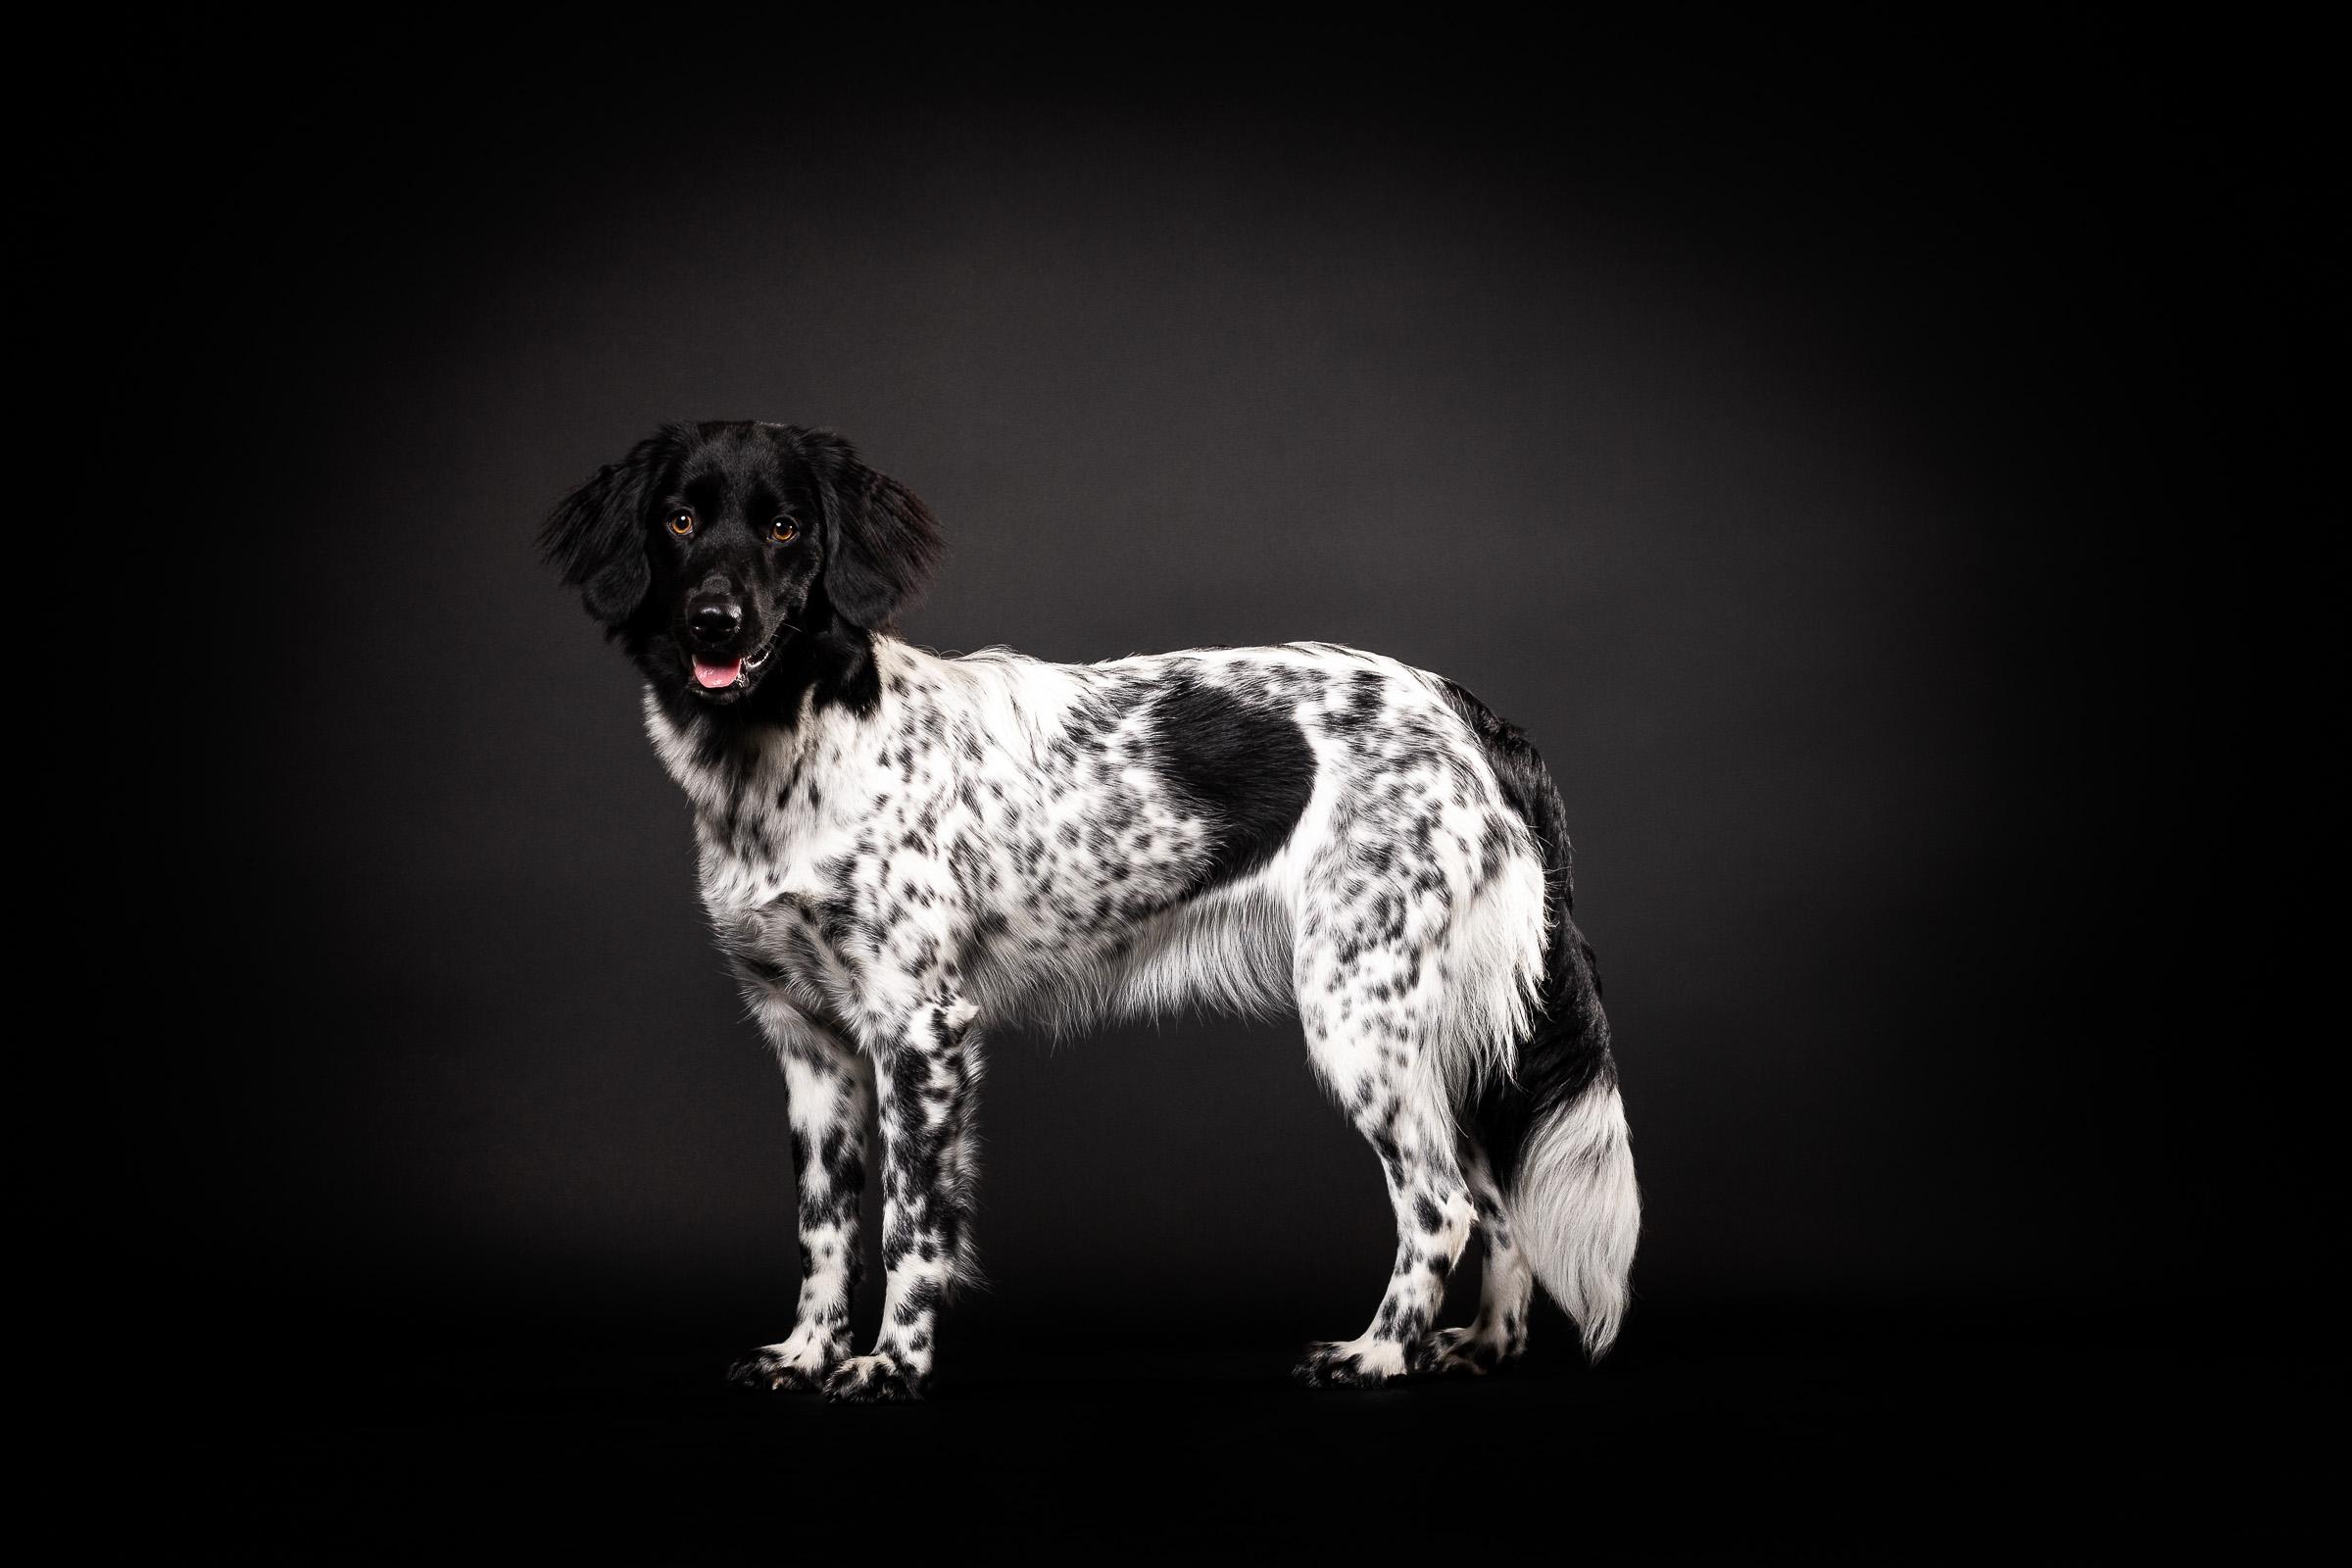 Friese Stabij staat heel mooi te poseren in de fotostudio bij de hondenfotograaf